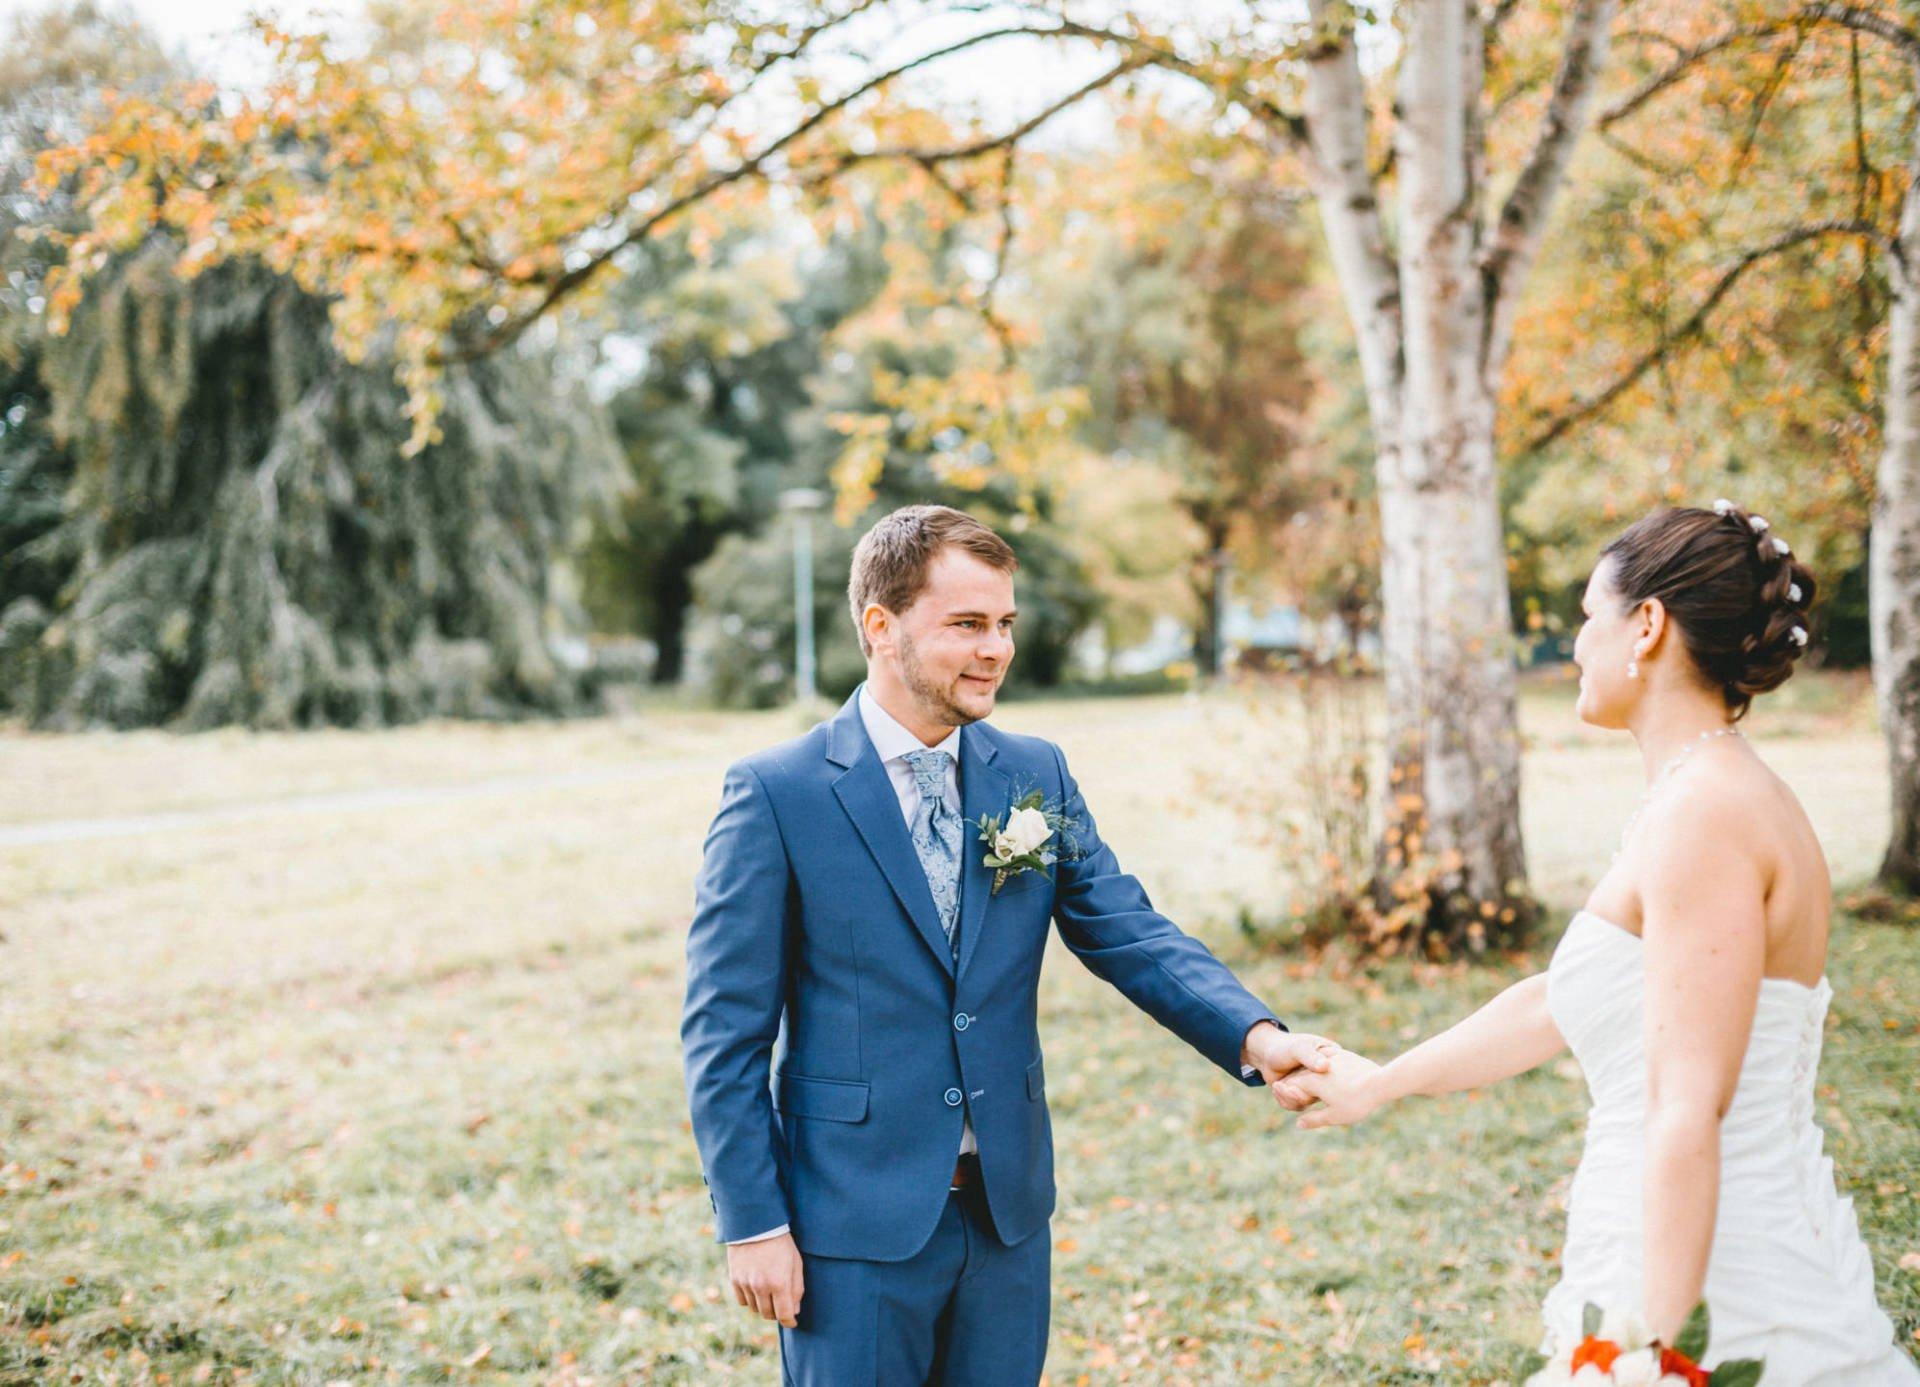 Hochzeitsreportage | Hochzeit im Paradies Jena | 4